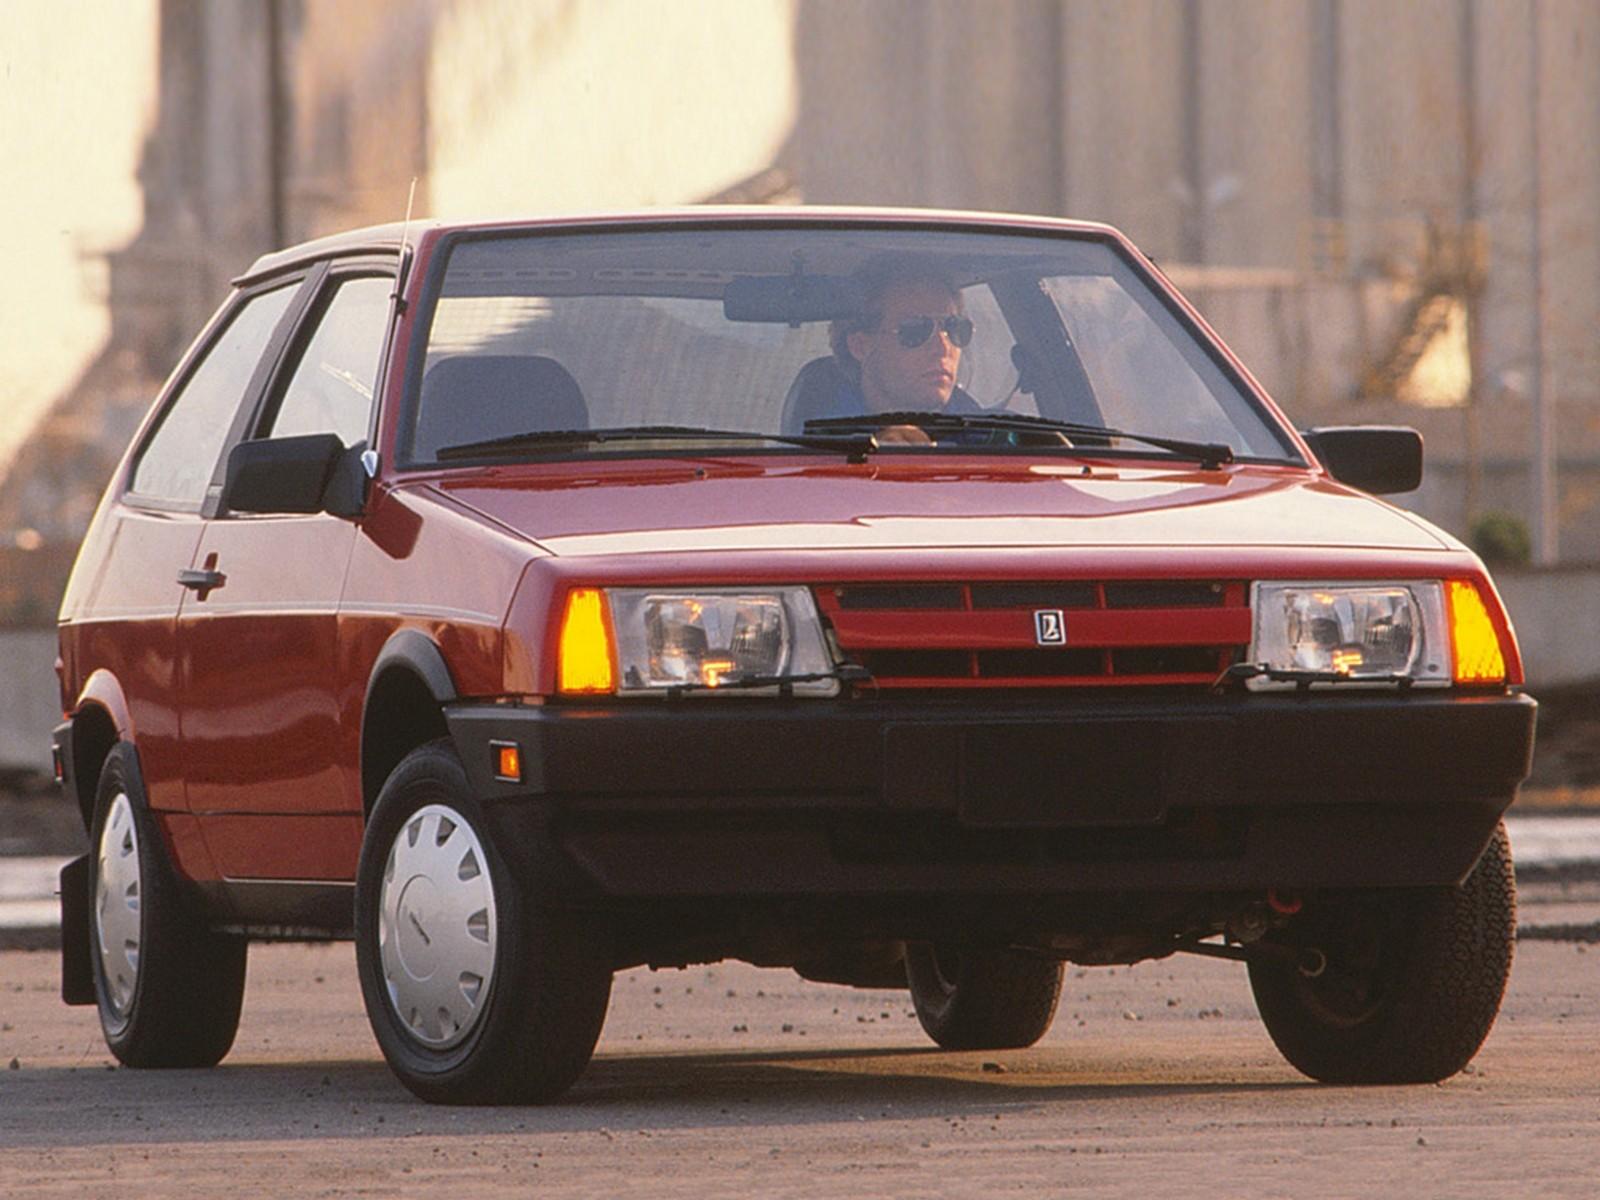 Как и немецкий автомобиль, ВАЗ-2108 также поставлялся на североамериканский рынок! Правда, в крайне небольших количествах